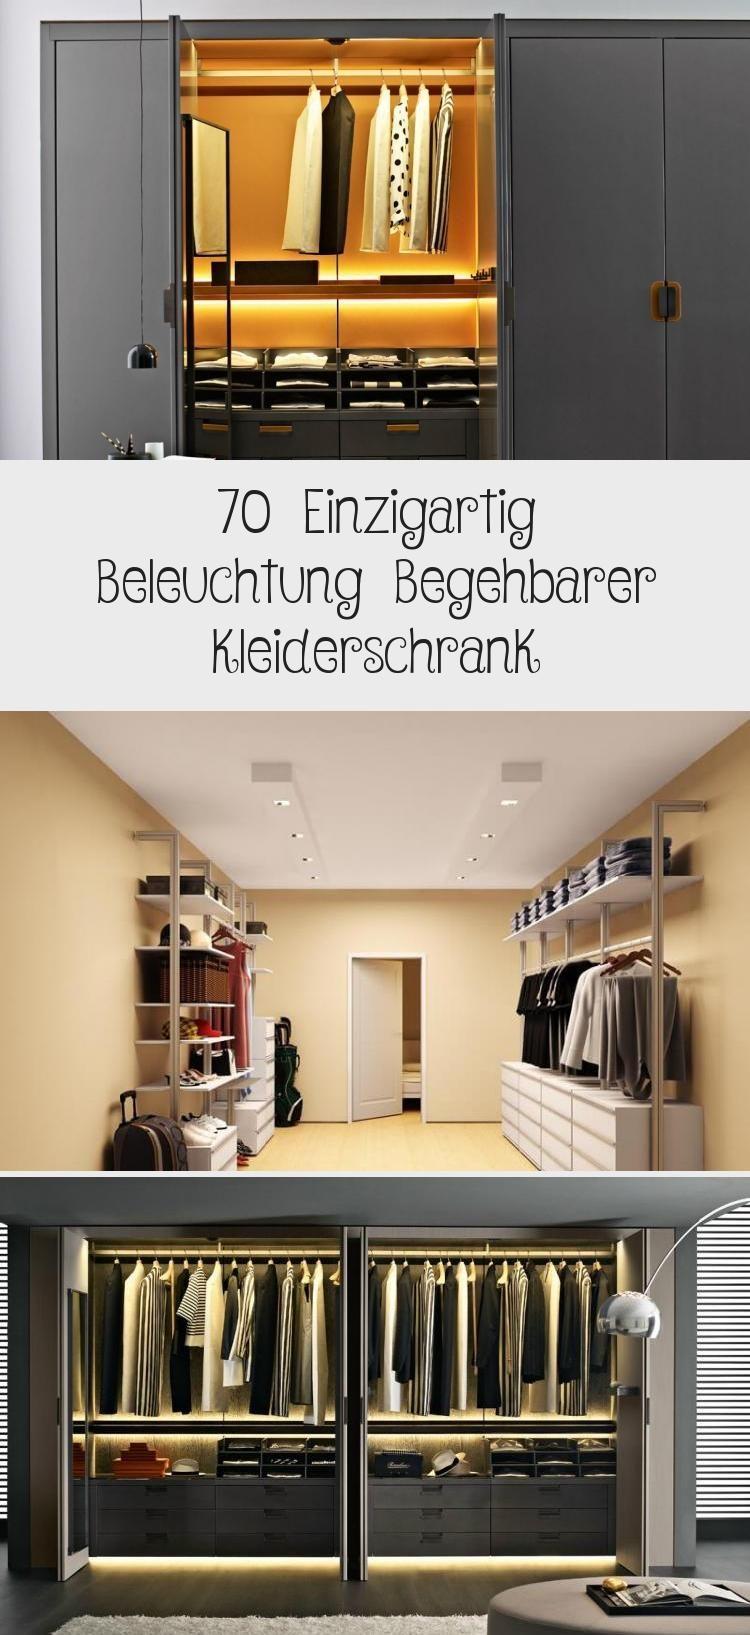 Begehbare Ankleide Grau Weiss Von Cabinet Begehbarer Kleiderschrank Einbauschrank Ankleide